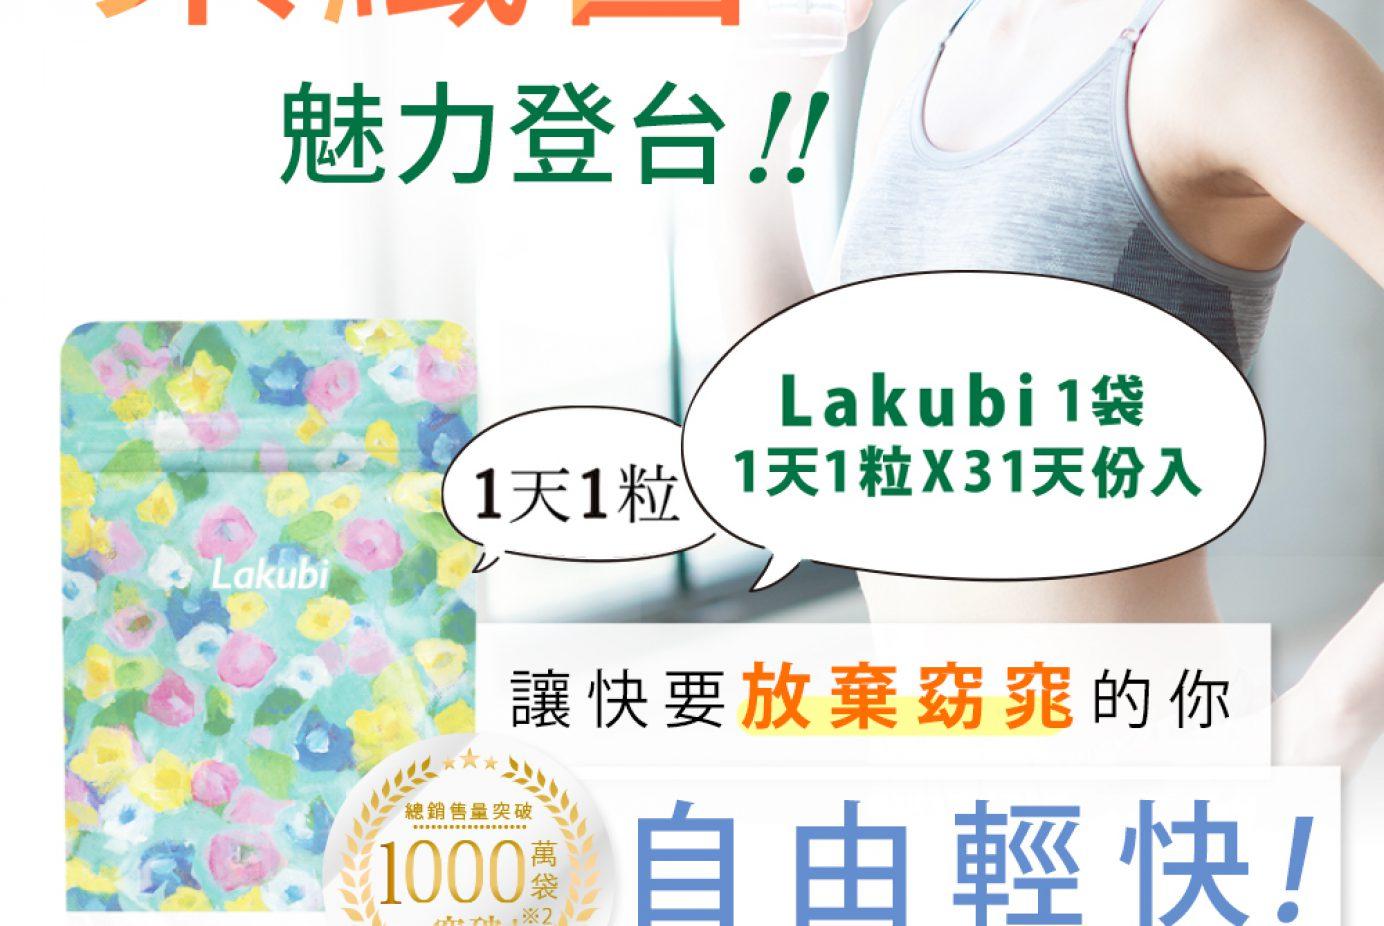 用了Lakubi但瘦不下來?為什麼網友的使用經驗很差?徹底分析Lakubi的真正效果